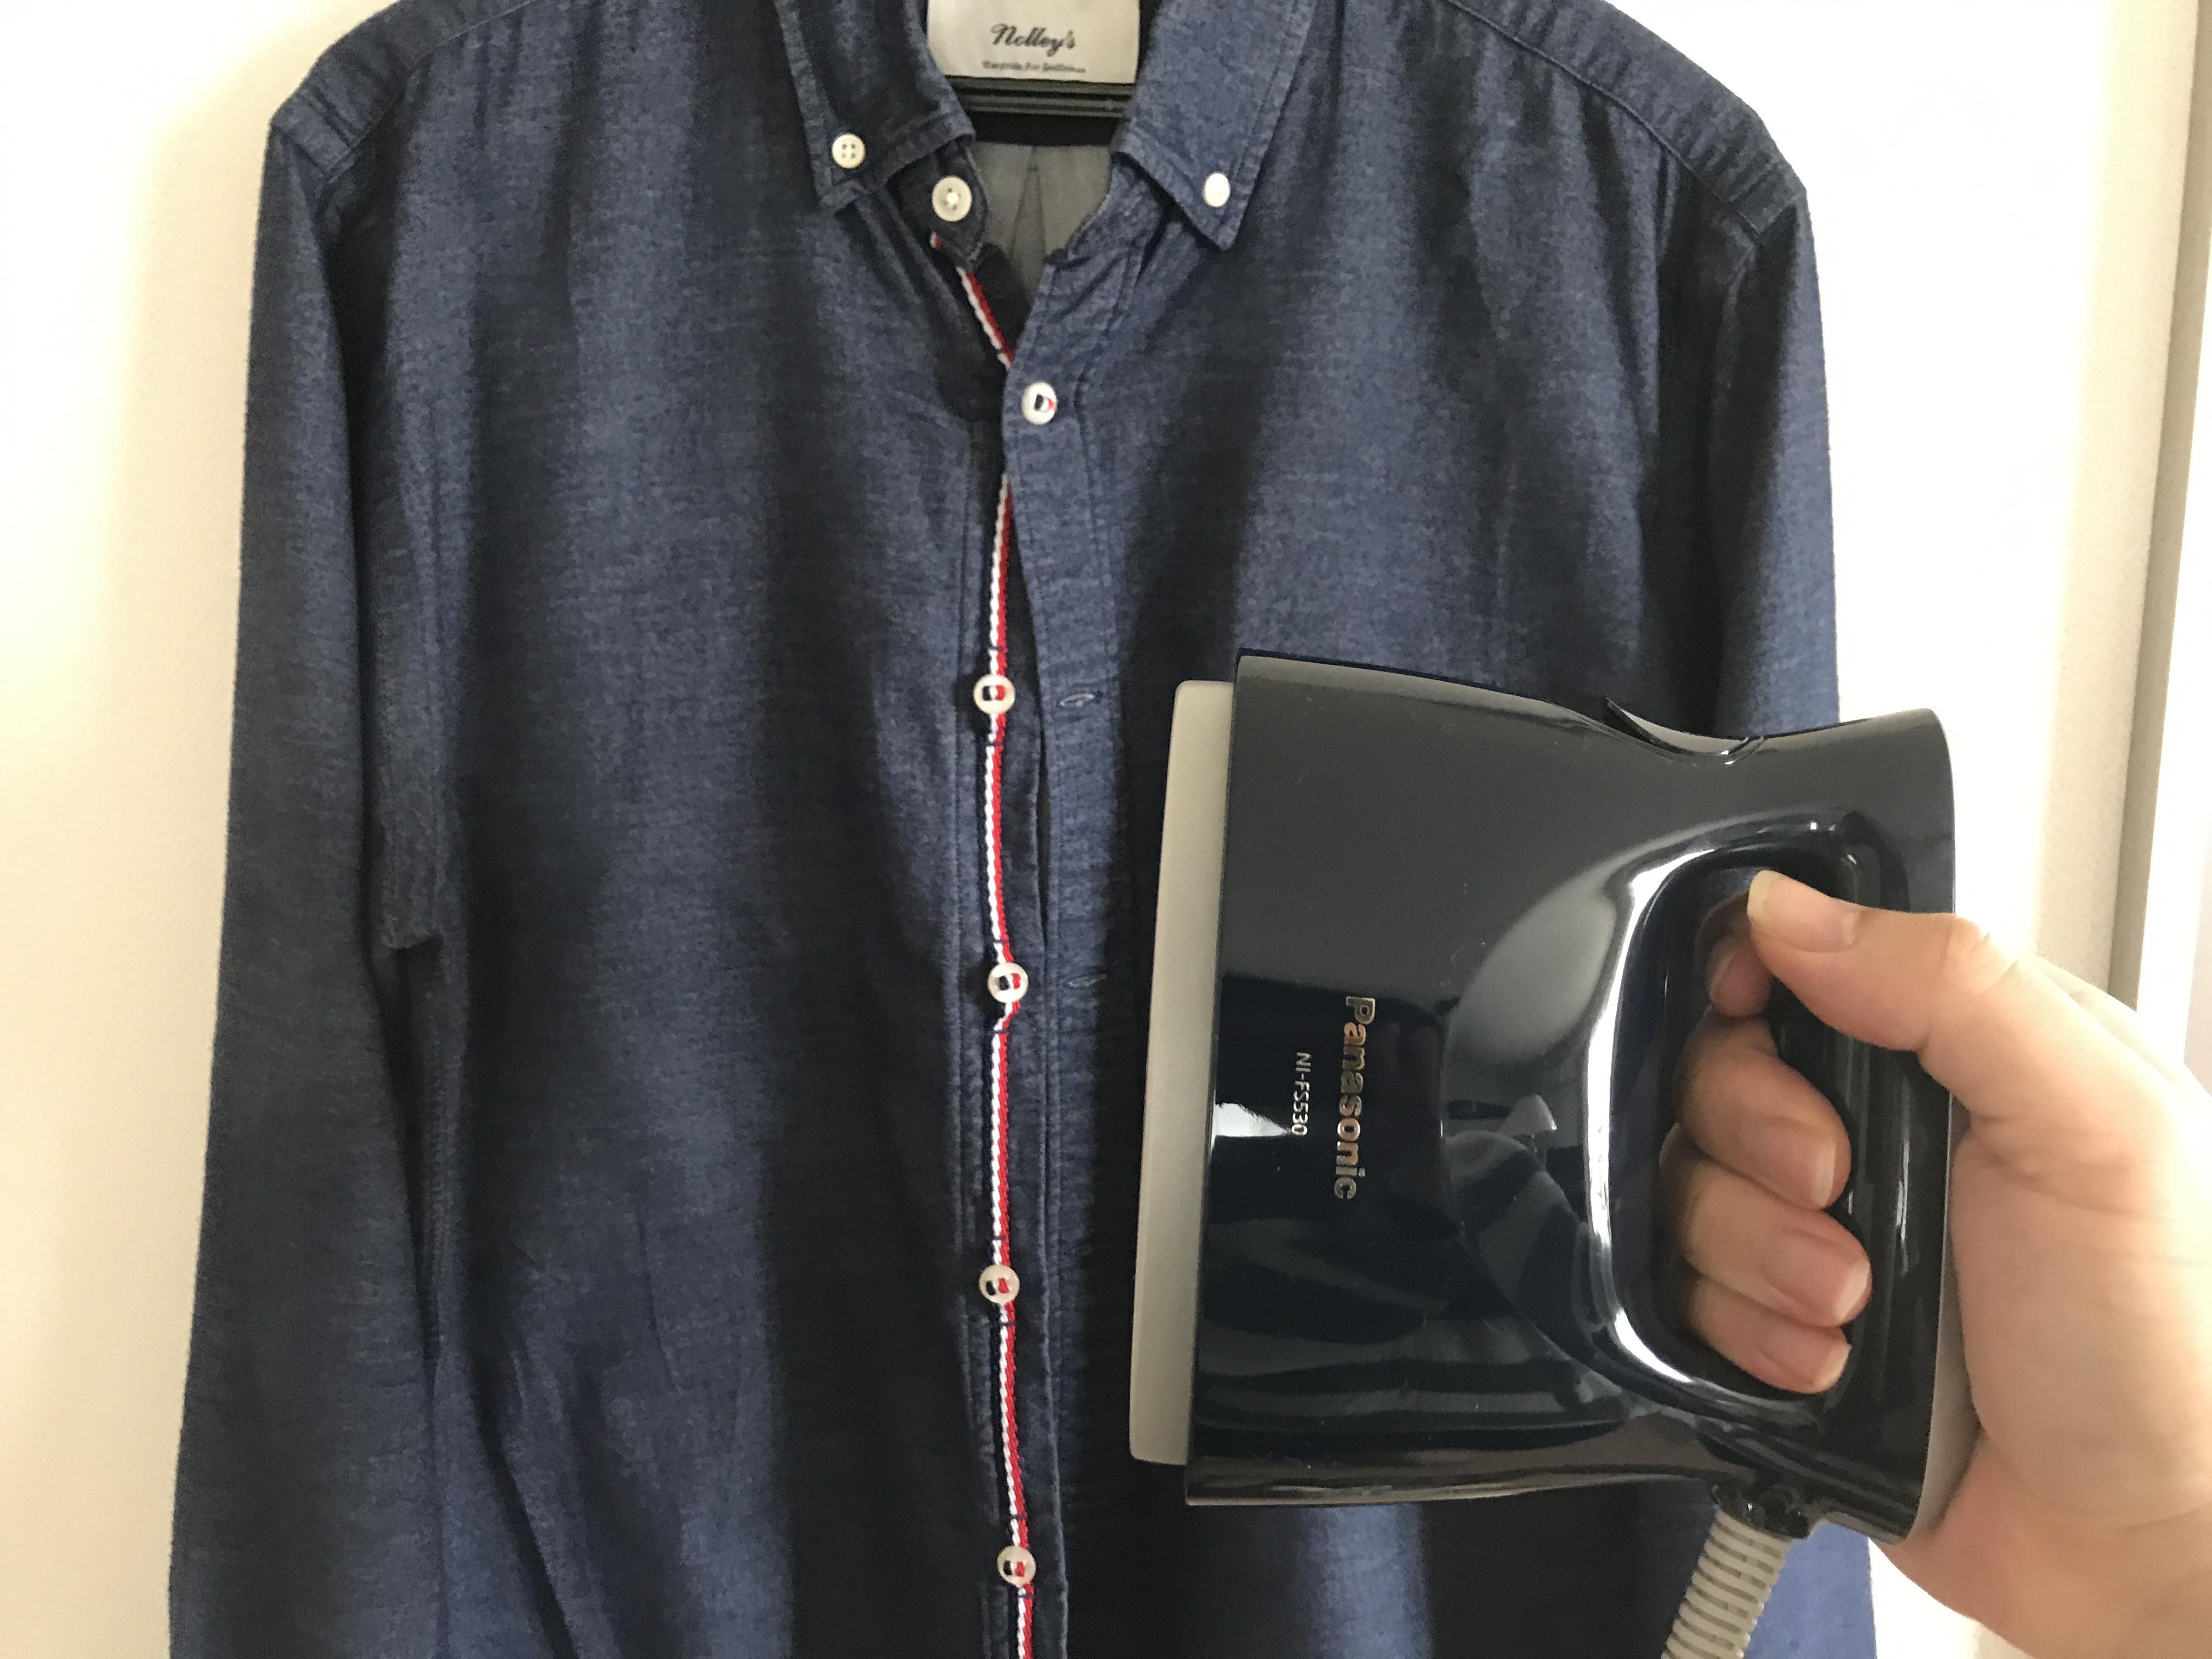 4月21日新発売!パナソニックの衣類スチーマー NI-FS530を購入!ハンガーにかけたまま、驚くほど簡単にしわが取れる!!!